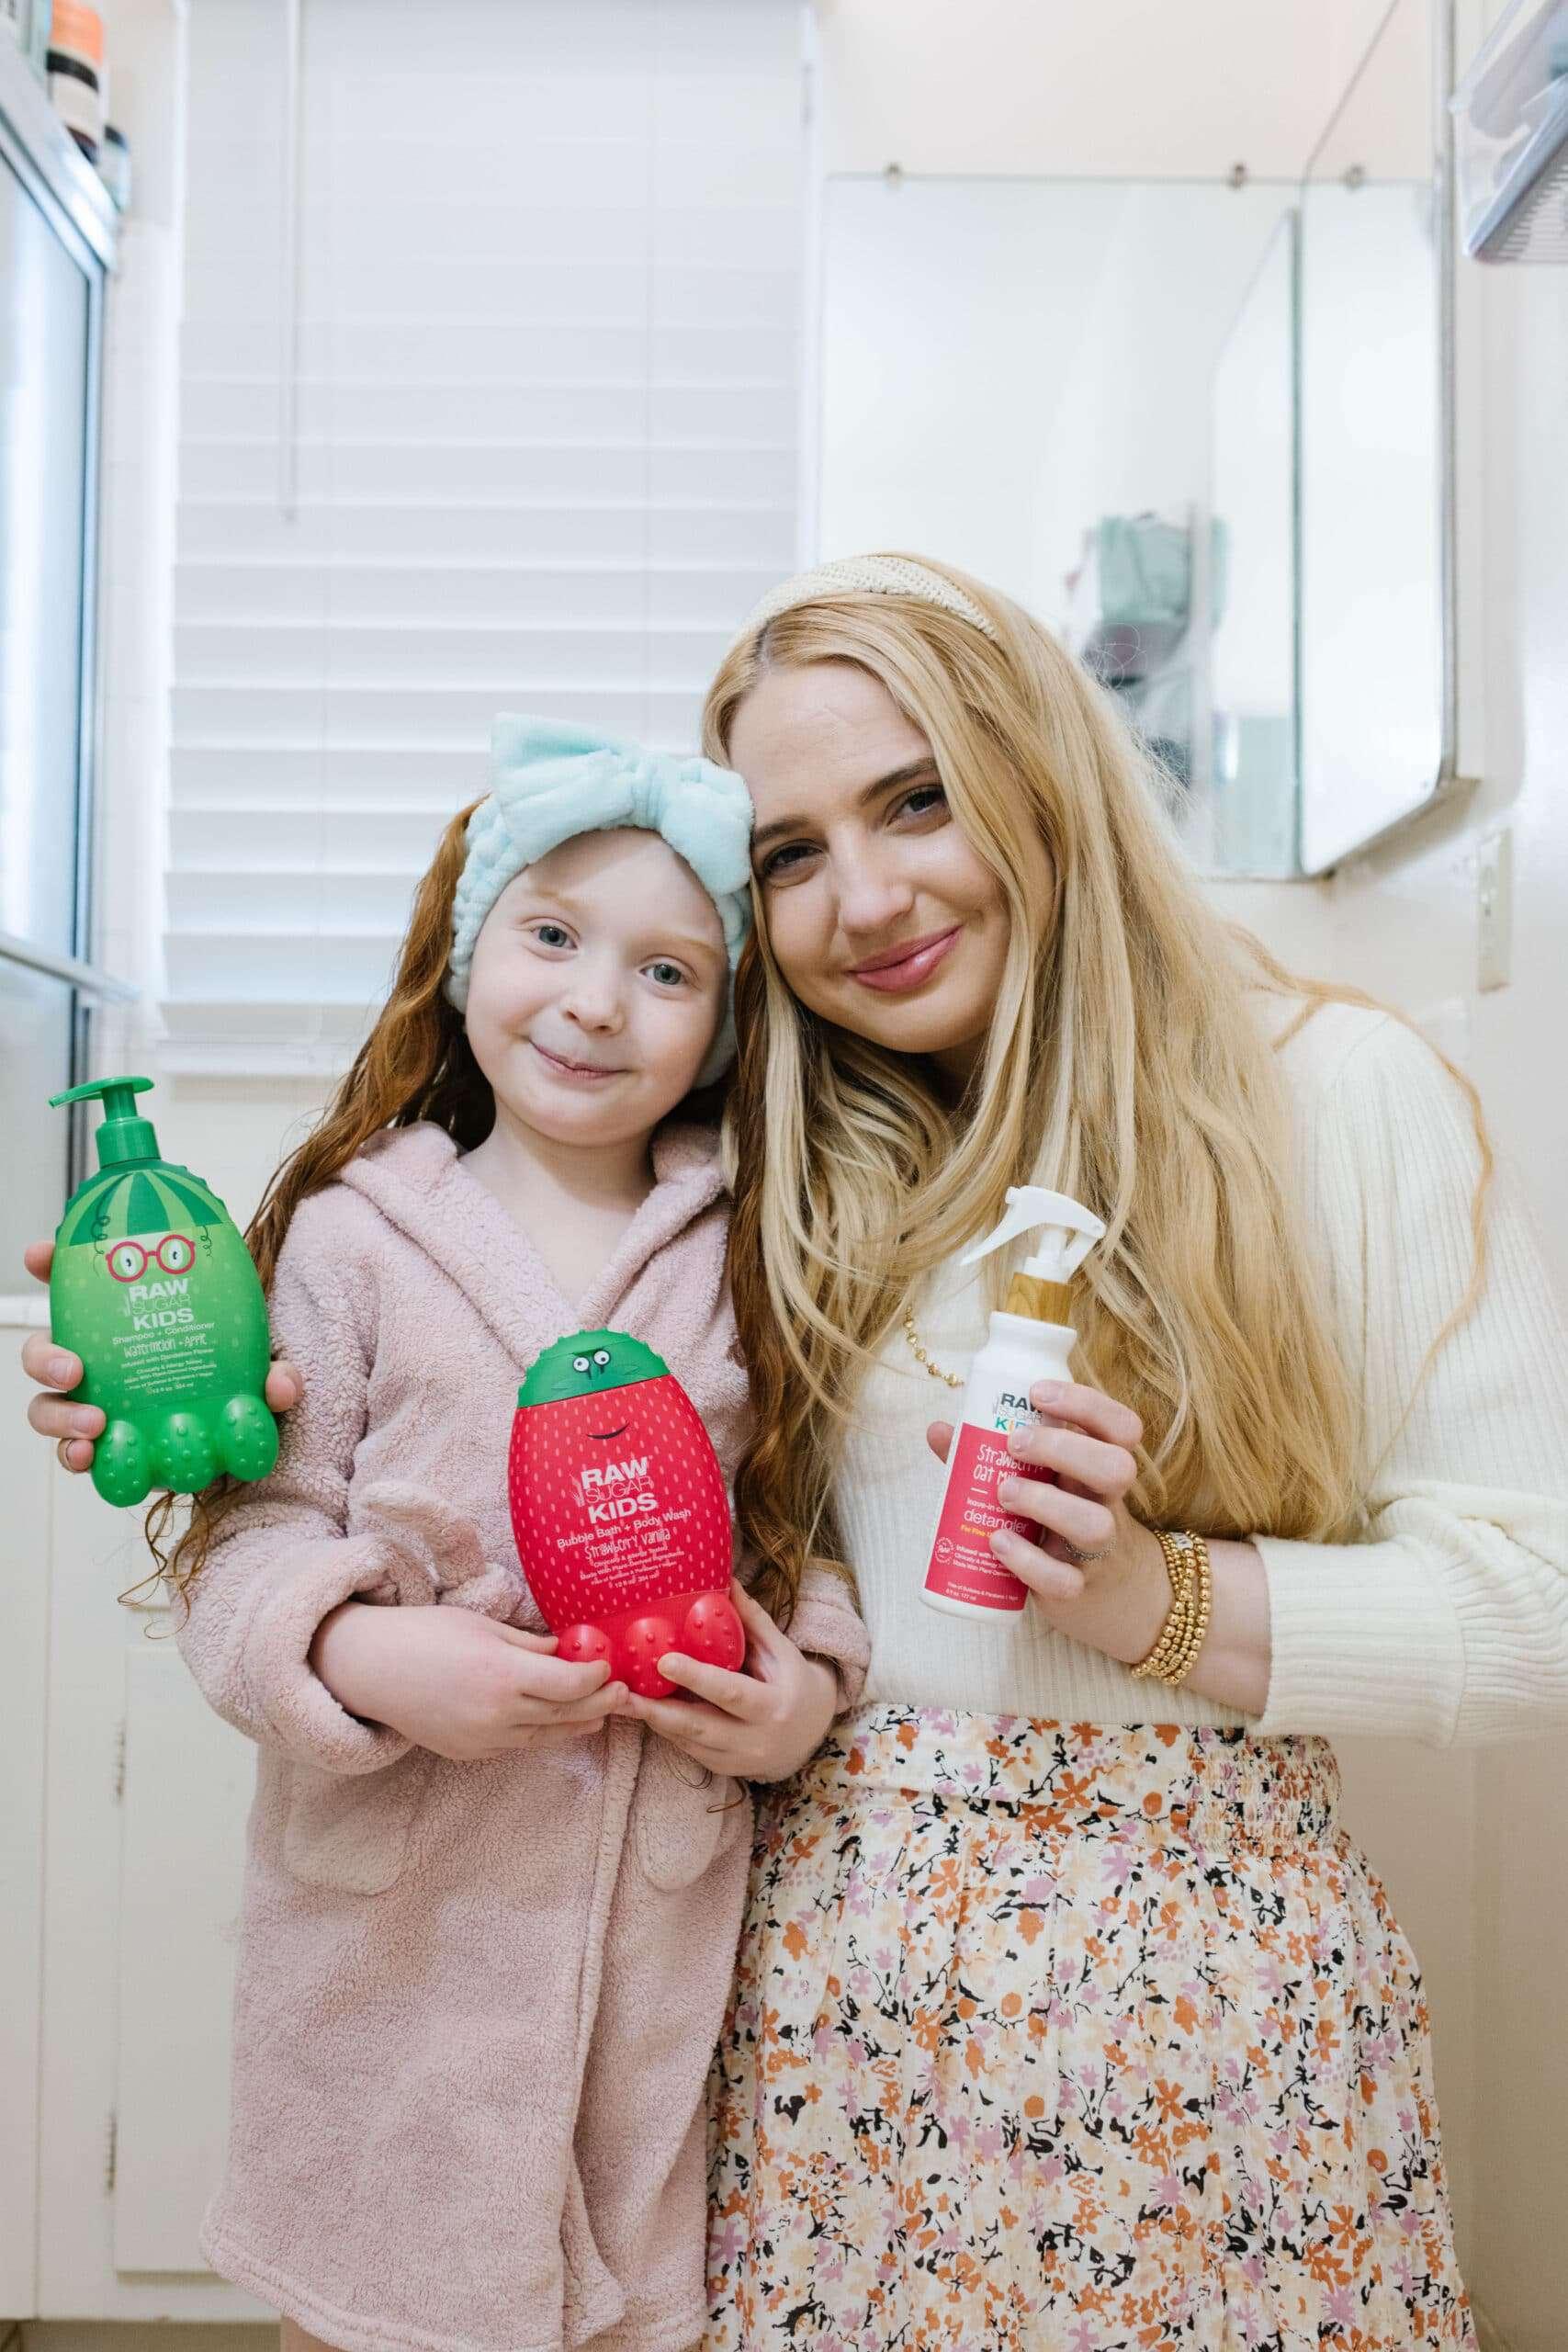 Raw sugar Living Kids at target